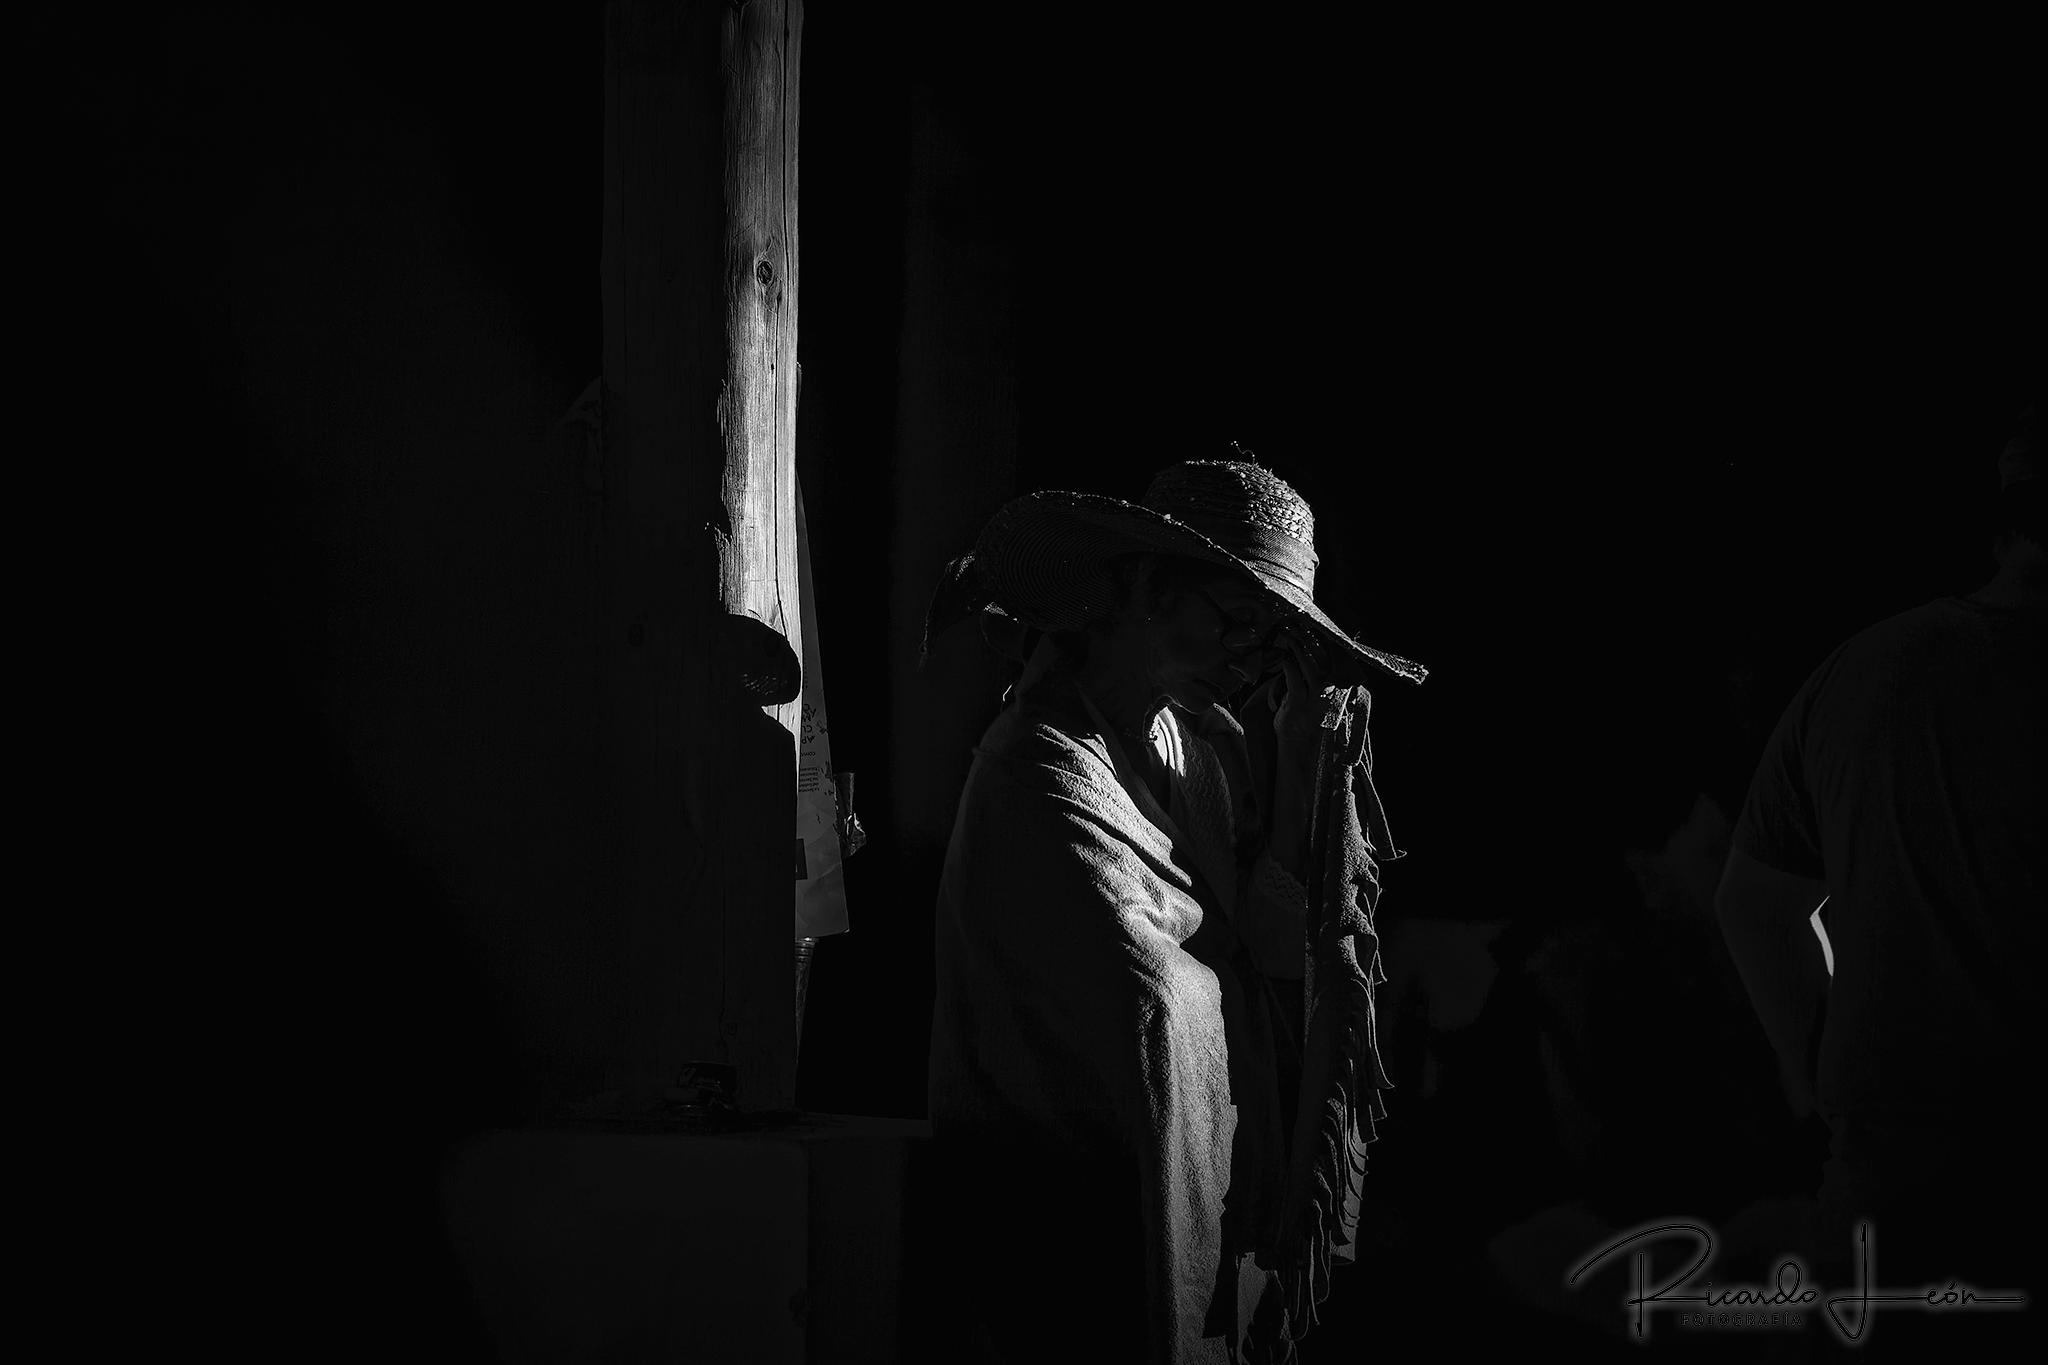 Copyright © Ricardo León